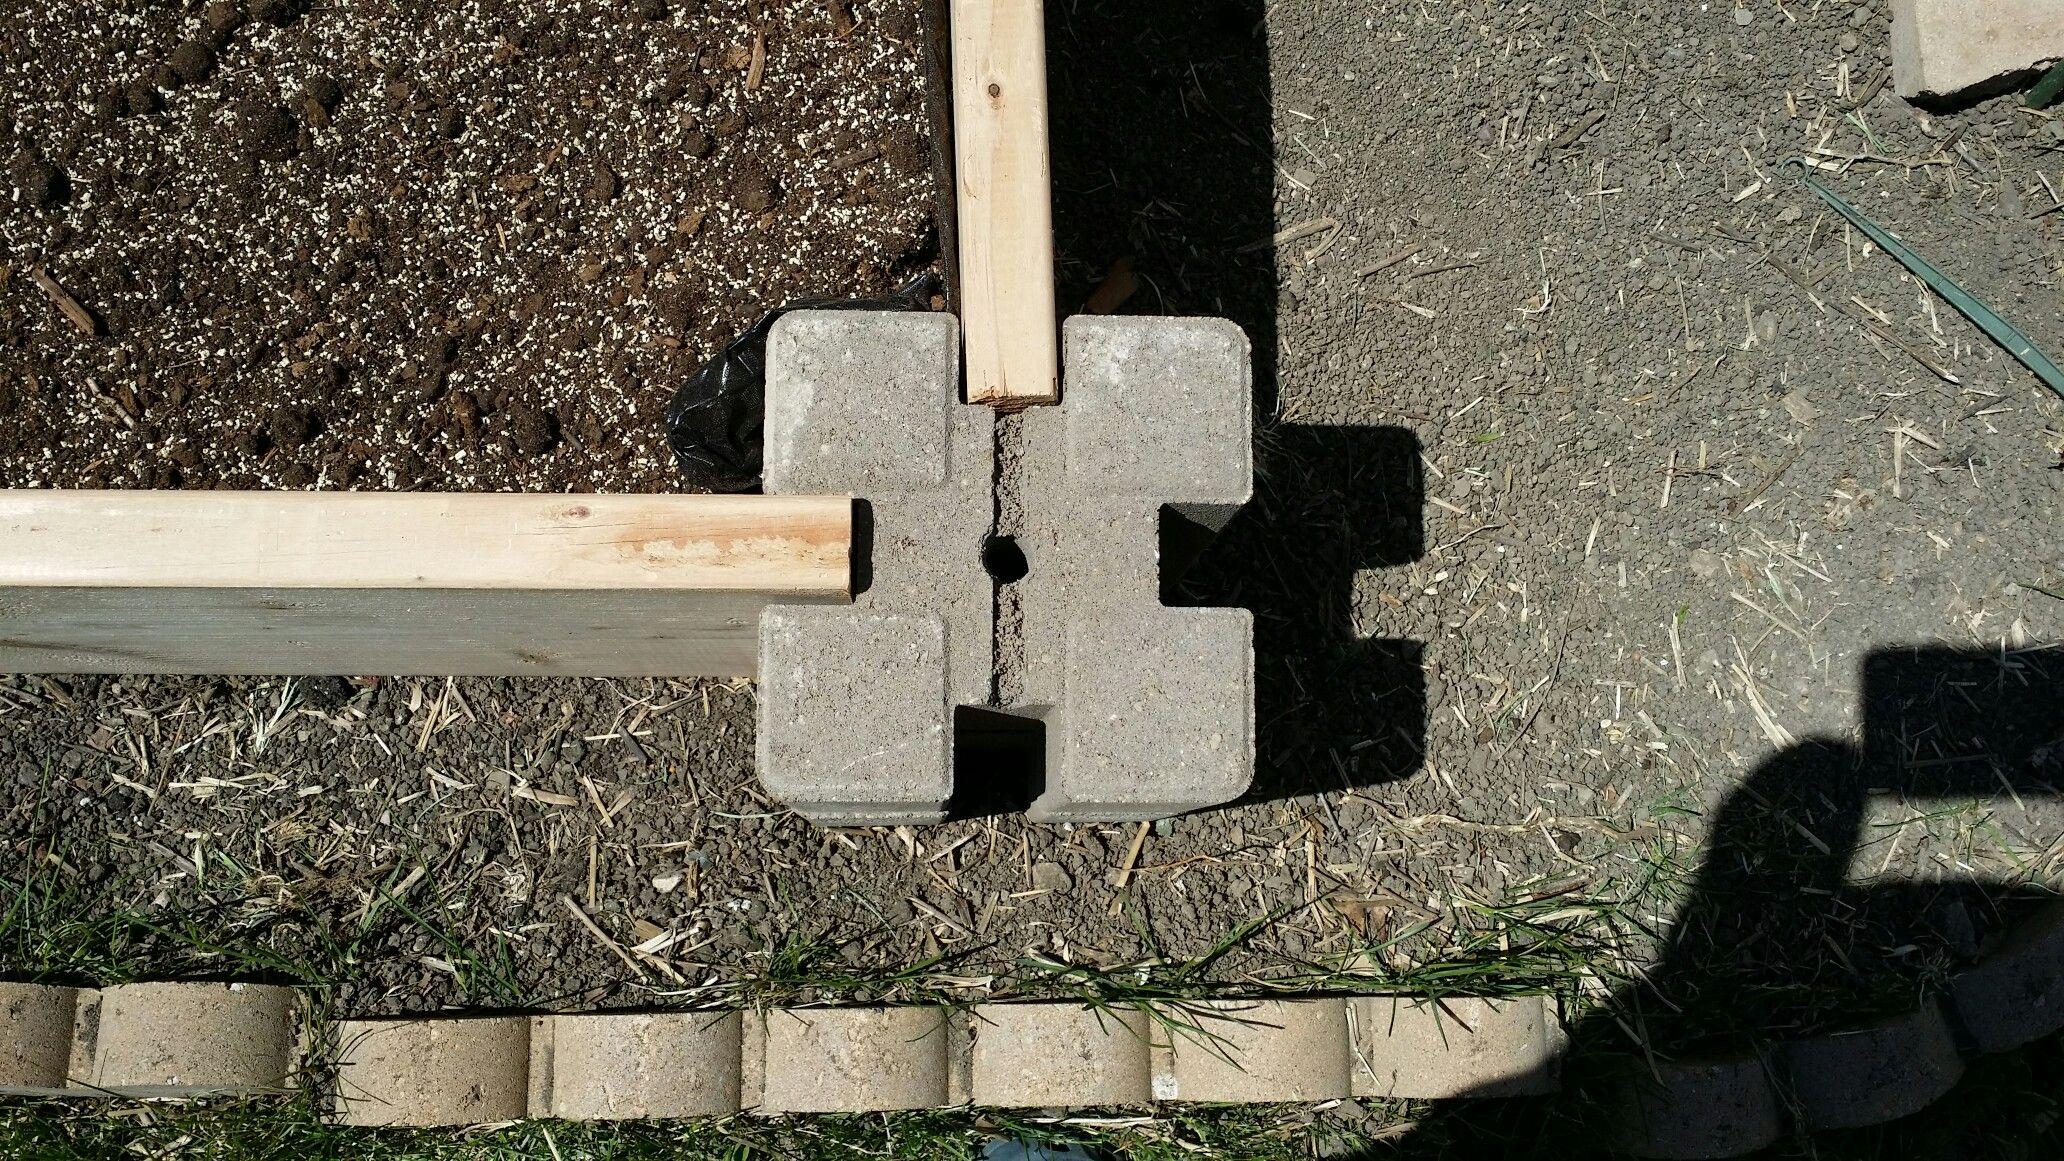 Raised Garden Cement Corner Blocks Make Building A Raised Garden